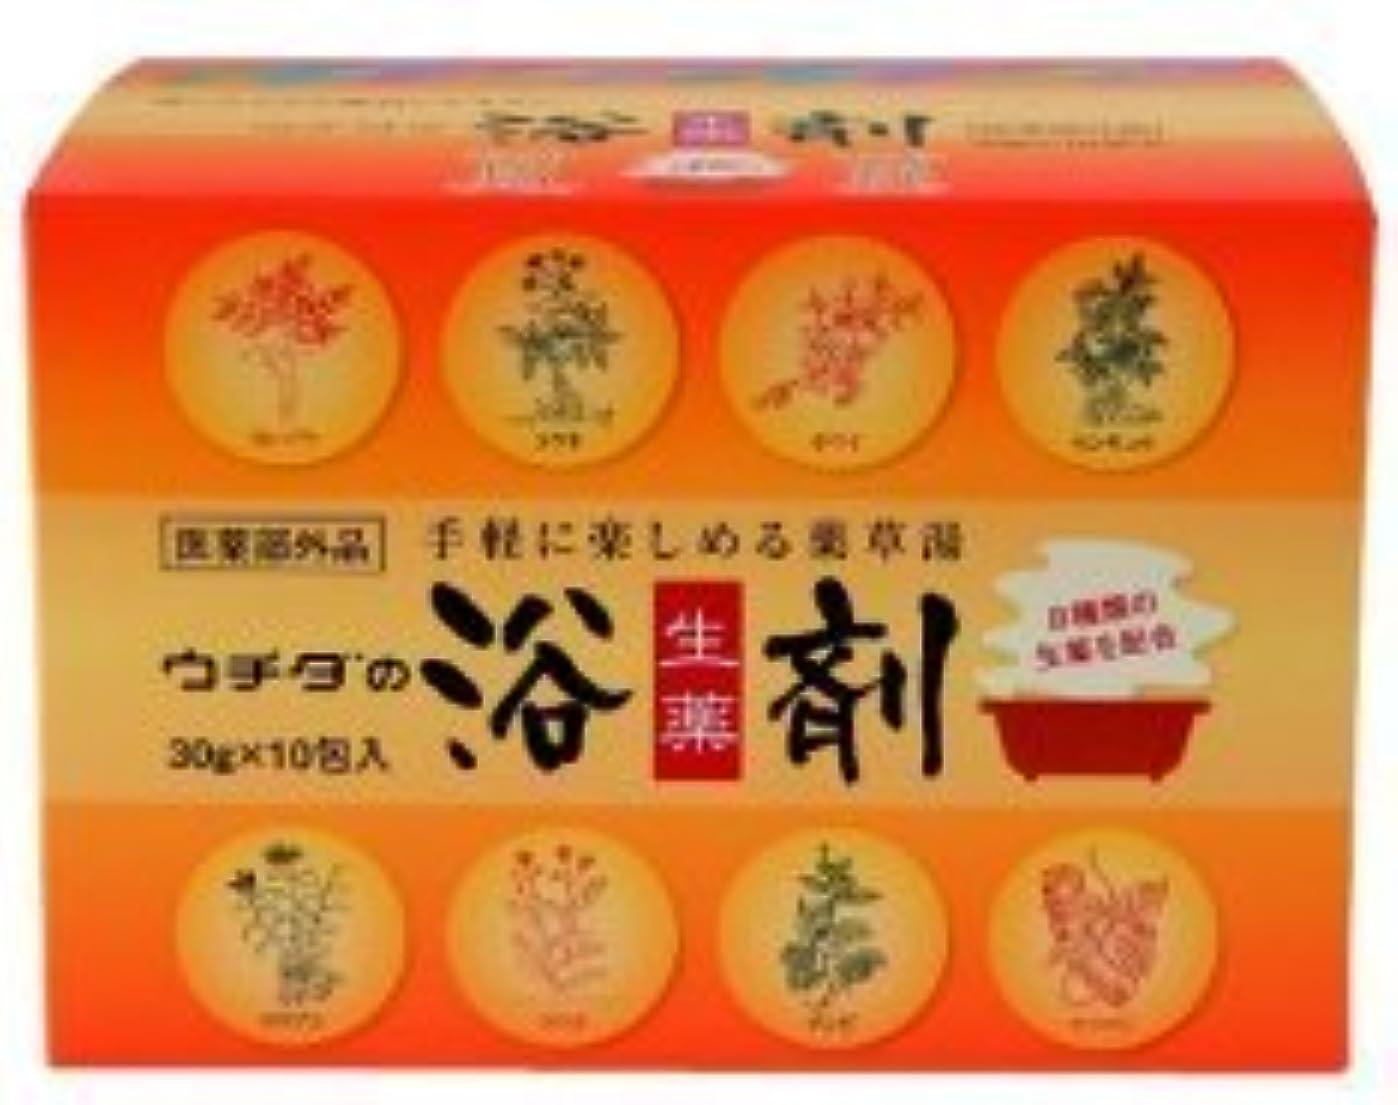 義務づけるしみ練習〔ウチダ和漢薬〕ウチダの浴剤(30g×10包入)×2個セット+1包おまけ